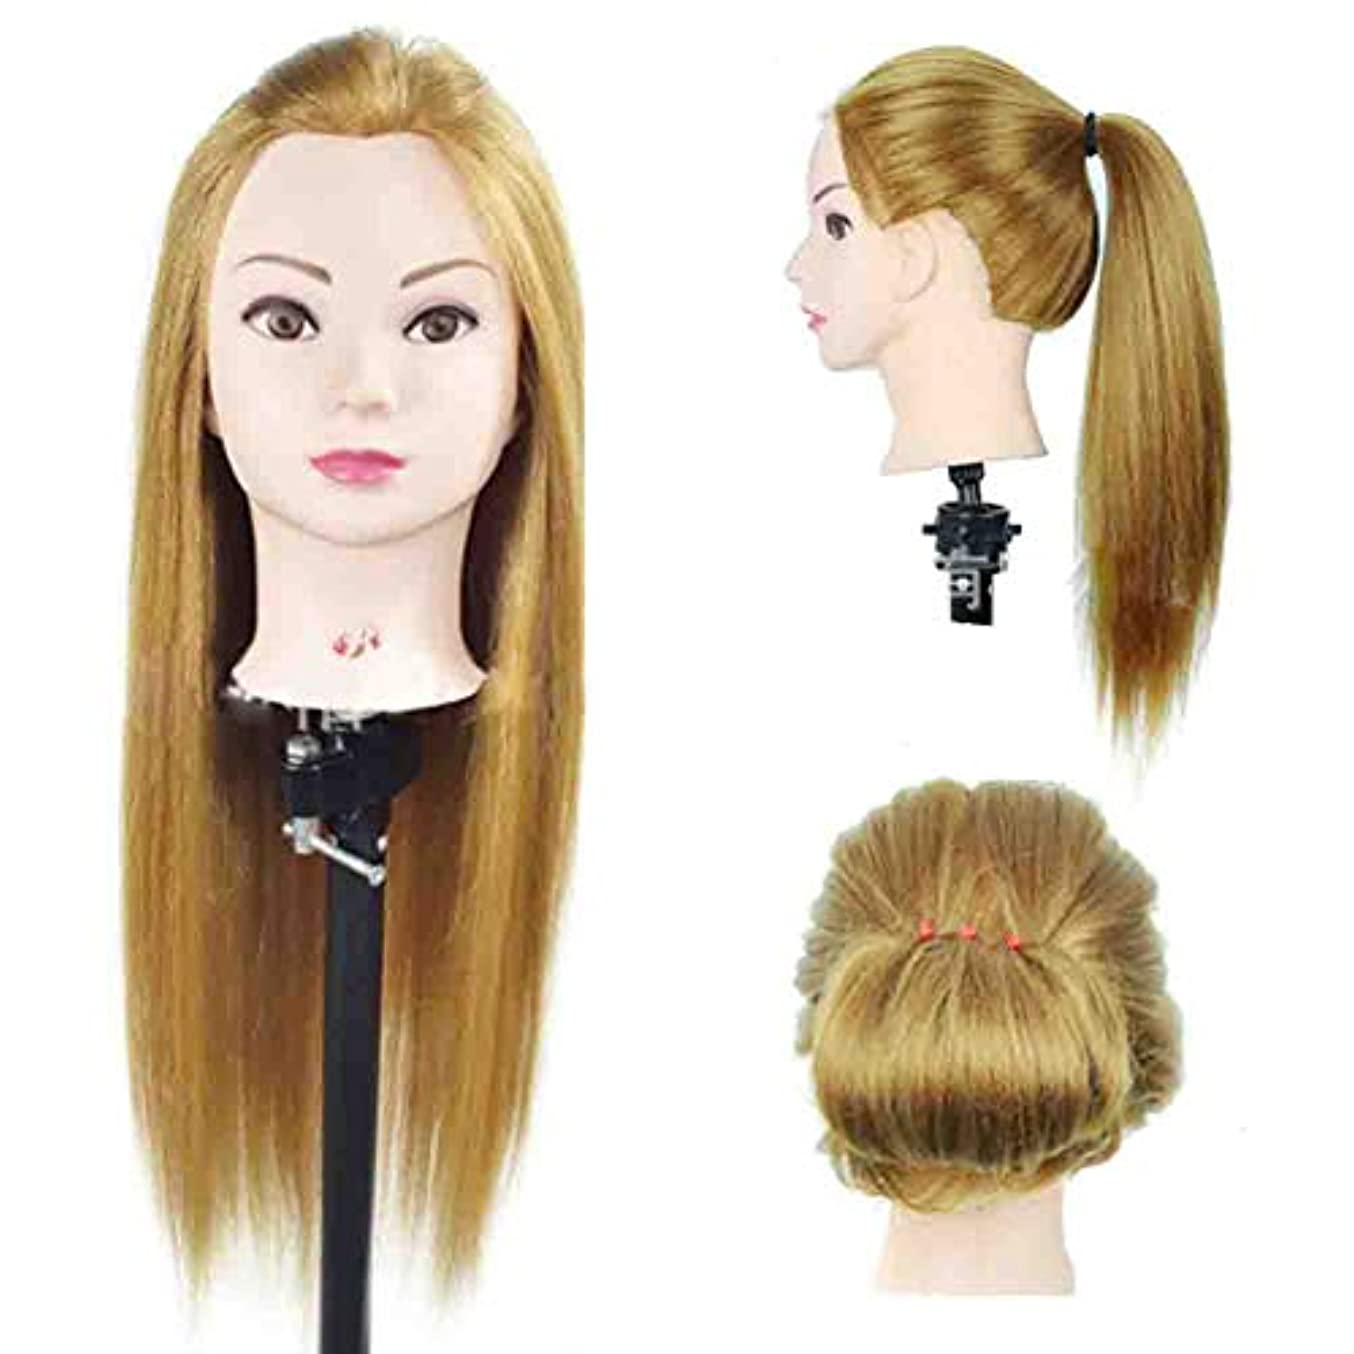 版気体の石鹸サロンヘアブレイディングヘアスタイルヘアスタイルヘアスタイルヘアスタイルヘアスタイルヘアスタイル